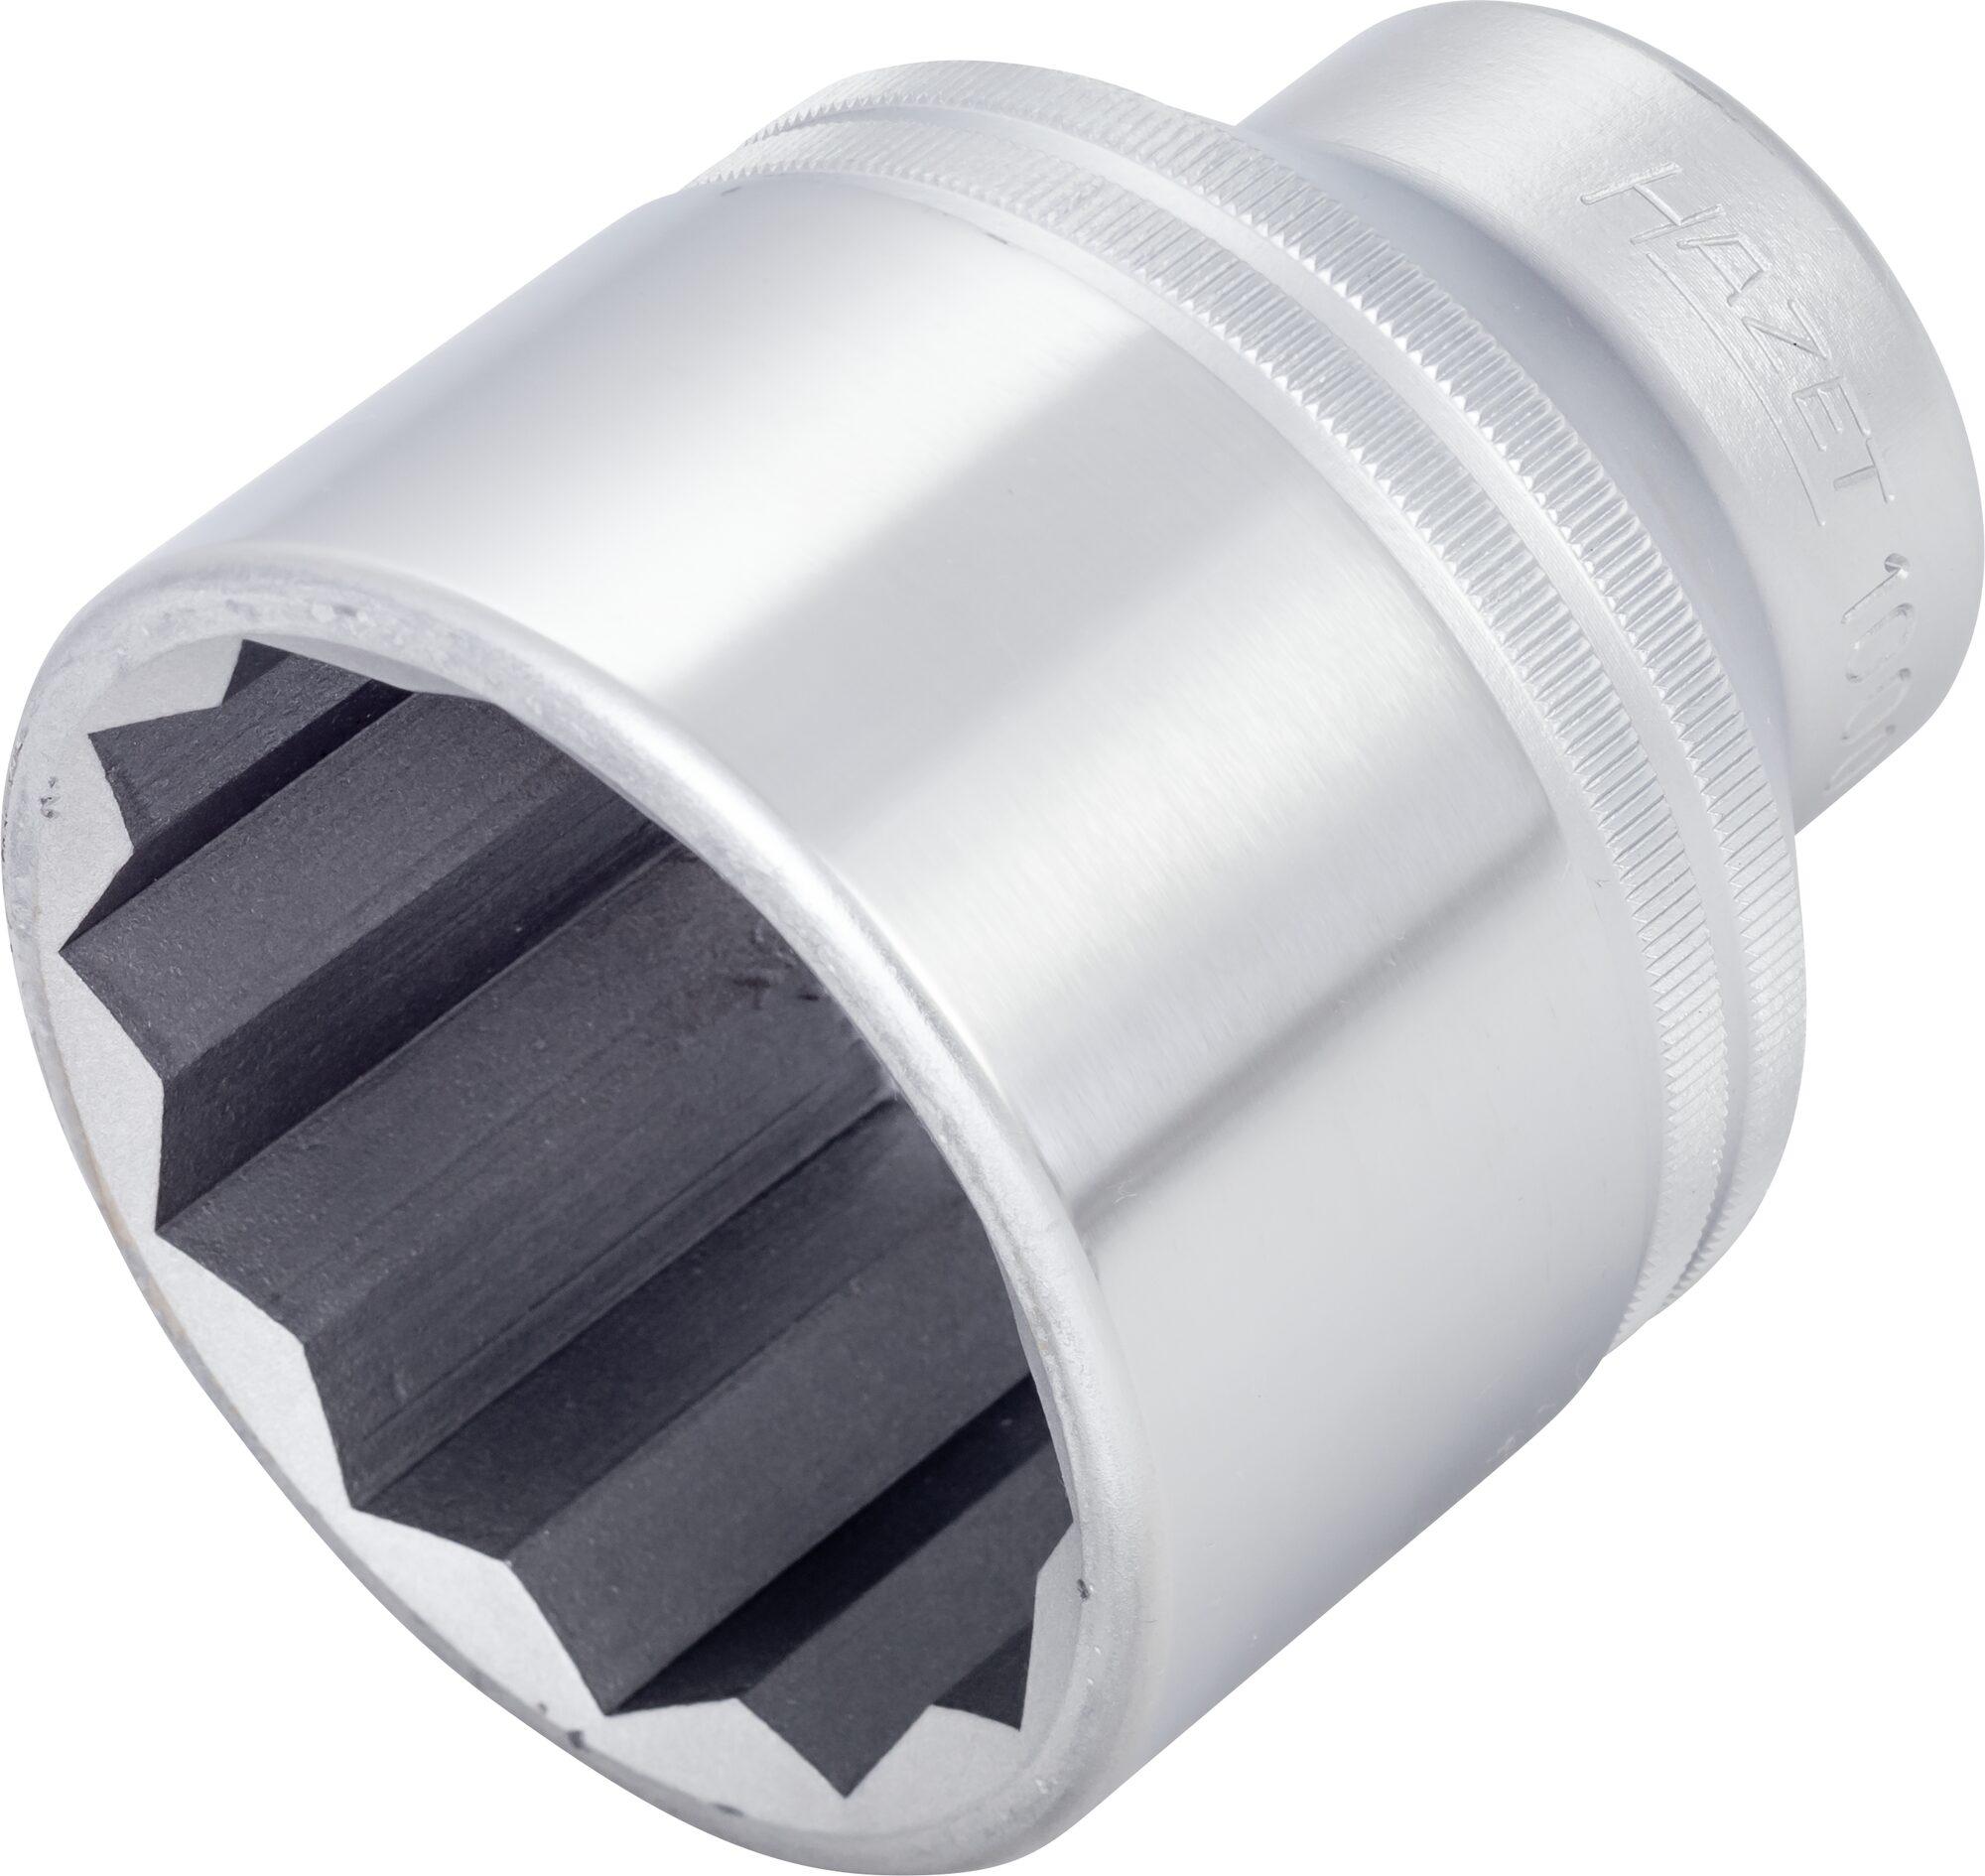 HAZET Steckschlüsseleinsatz ∙ Doppelsechskant 1000Z-55 ∙ Vierkant hohl 20 mm (3/4 Zoll) ∙ 55 mm